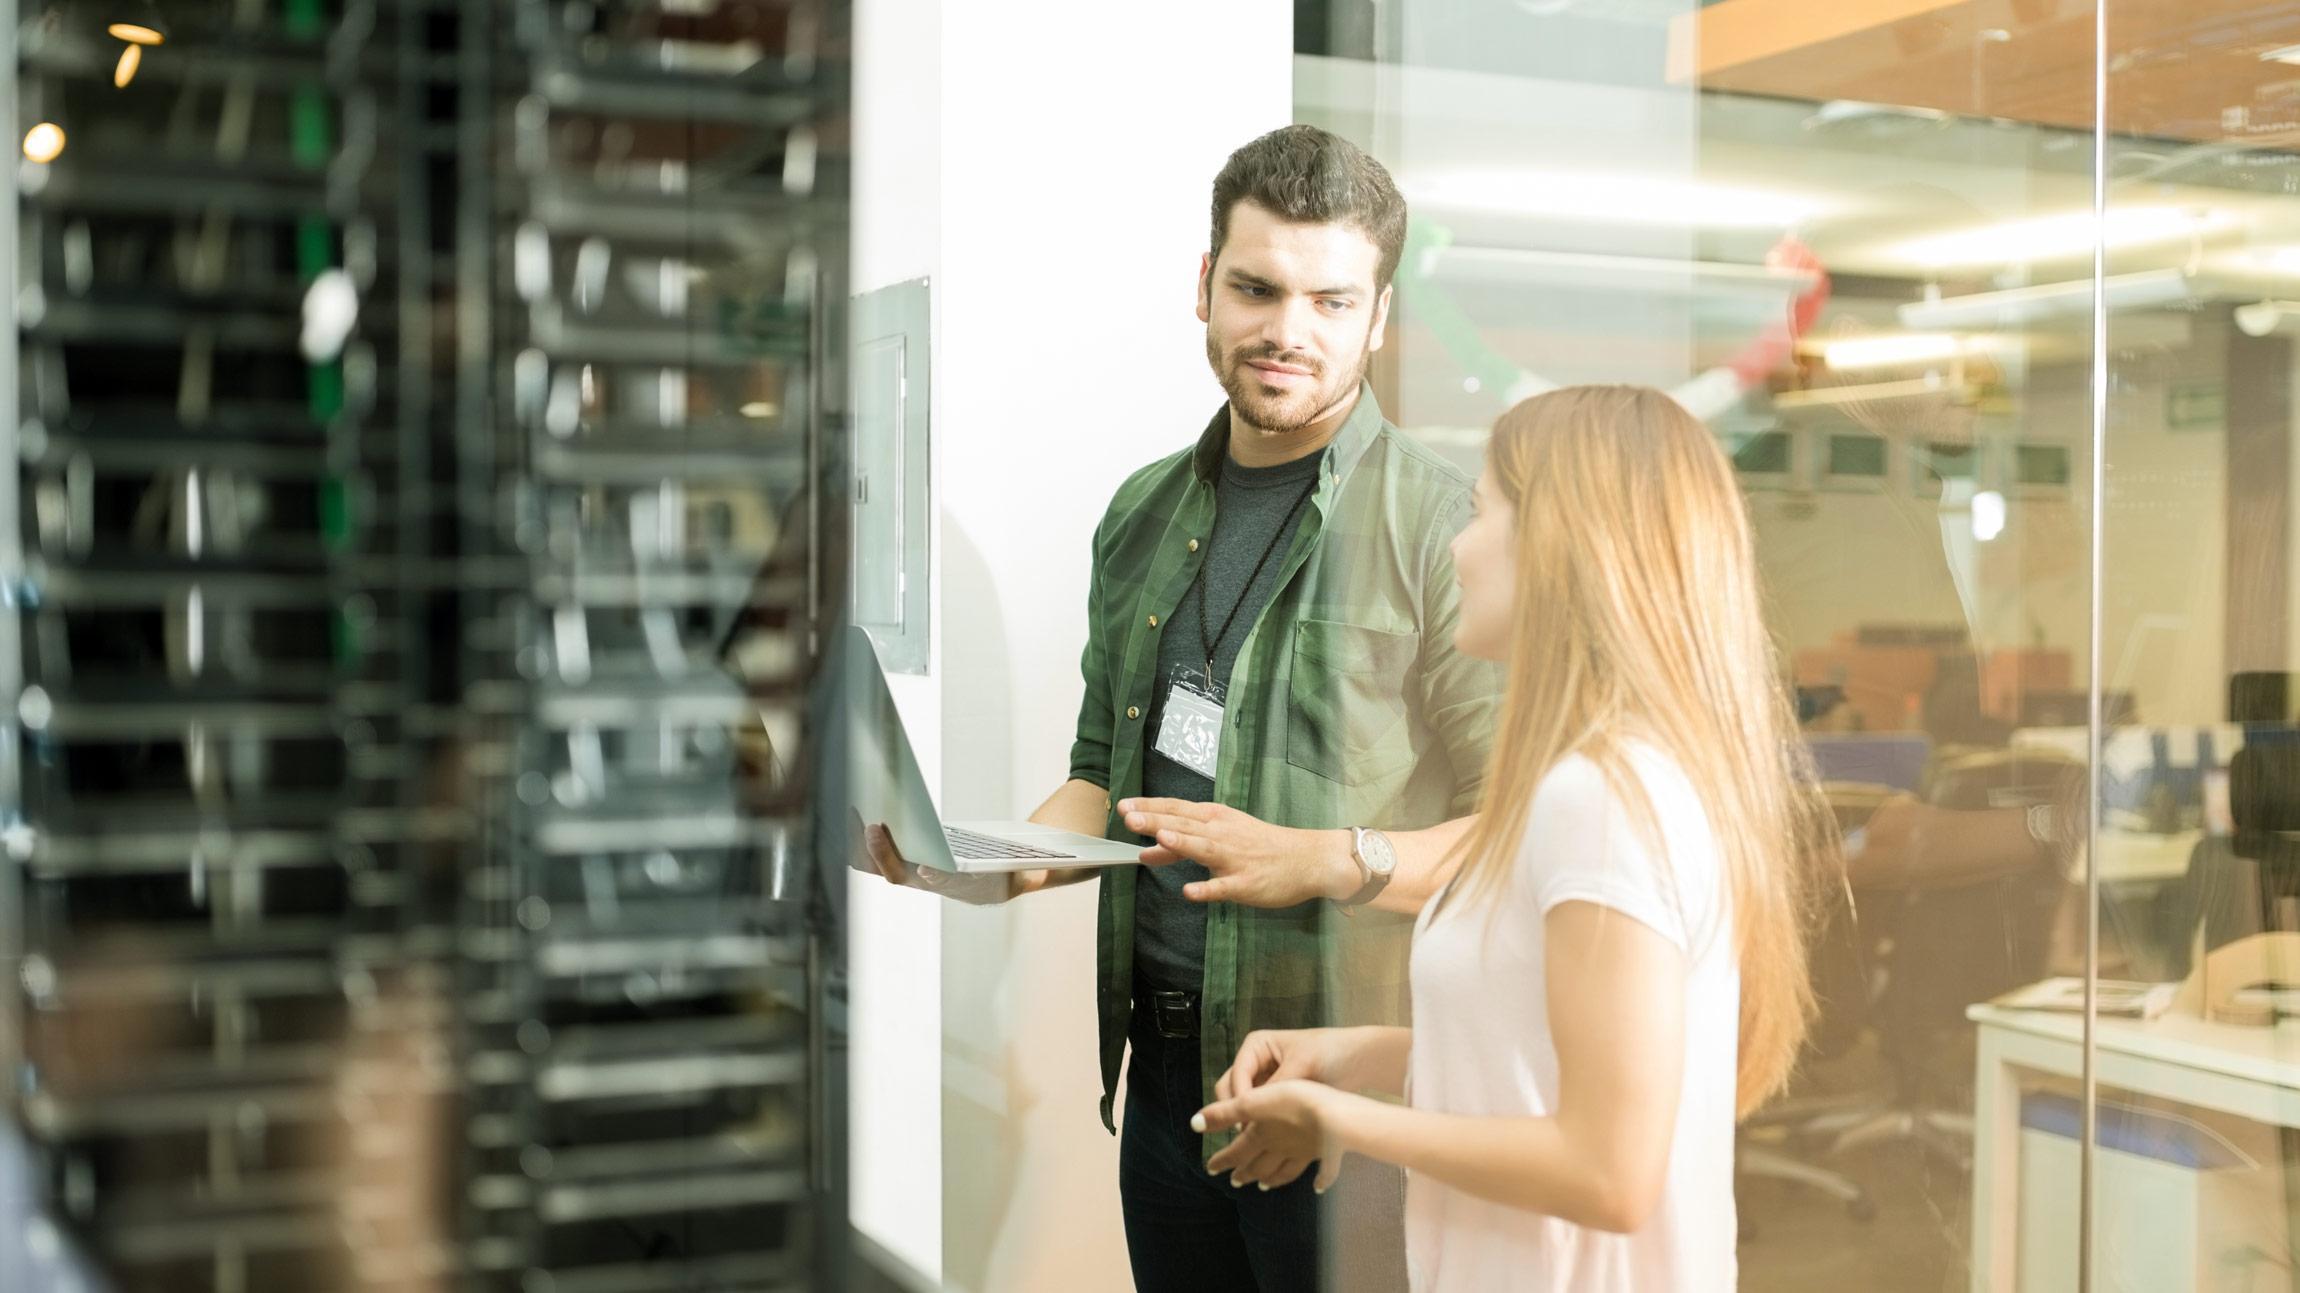 Toimivien, nopeiden ja joustavien datapalveluiden kattavat ylläpitopalvelut